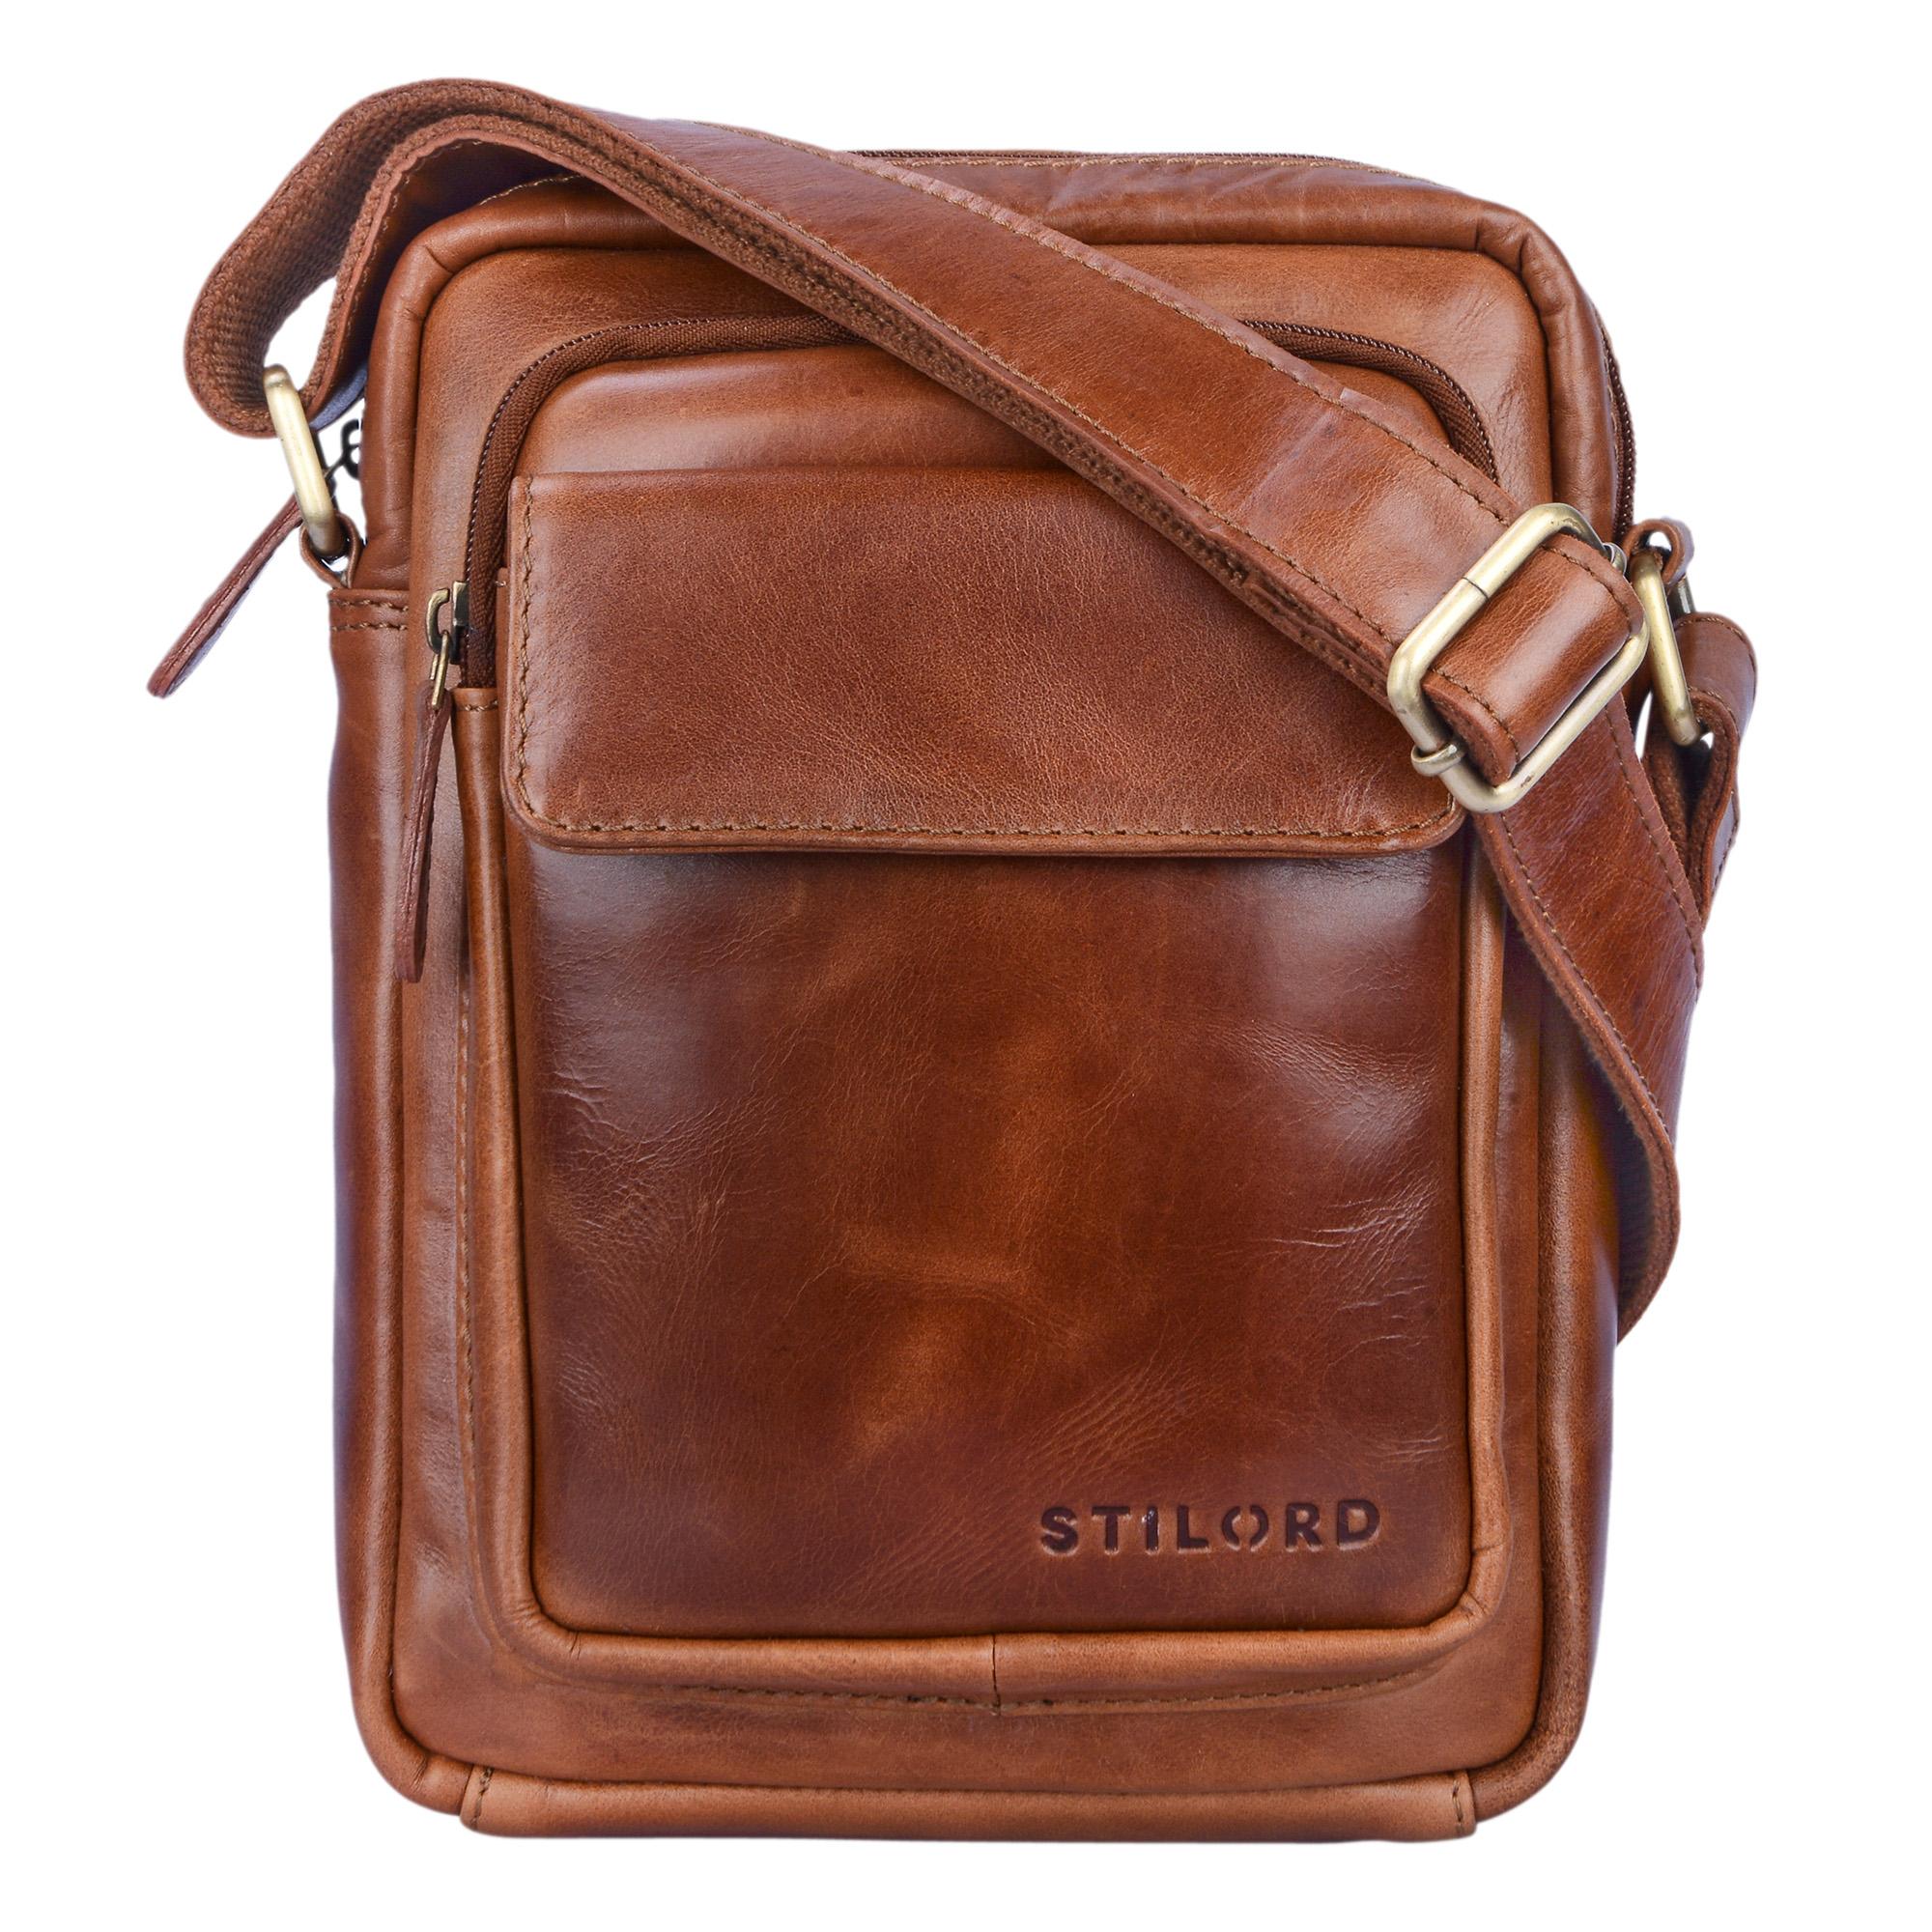 """STILORD """"Jannis"""" Leder Umhängetasche Männer klein Vintage Messenger Bag Herren-Tasche Tablettasche für 9.7 Zoll iPad Schultertasche aus echtem Leder - Bild 9"""